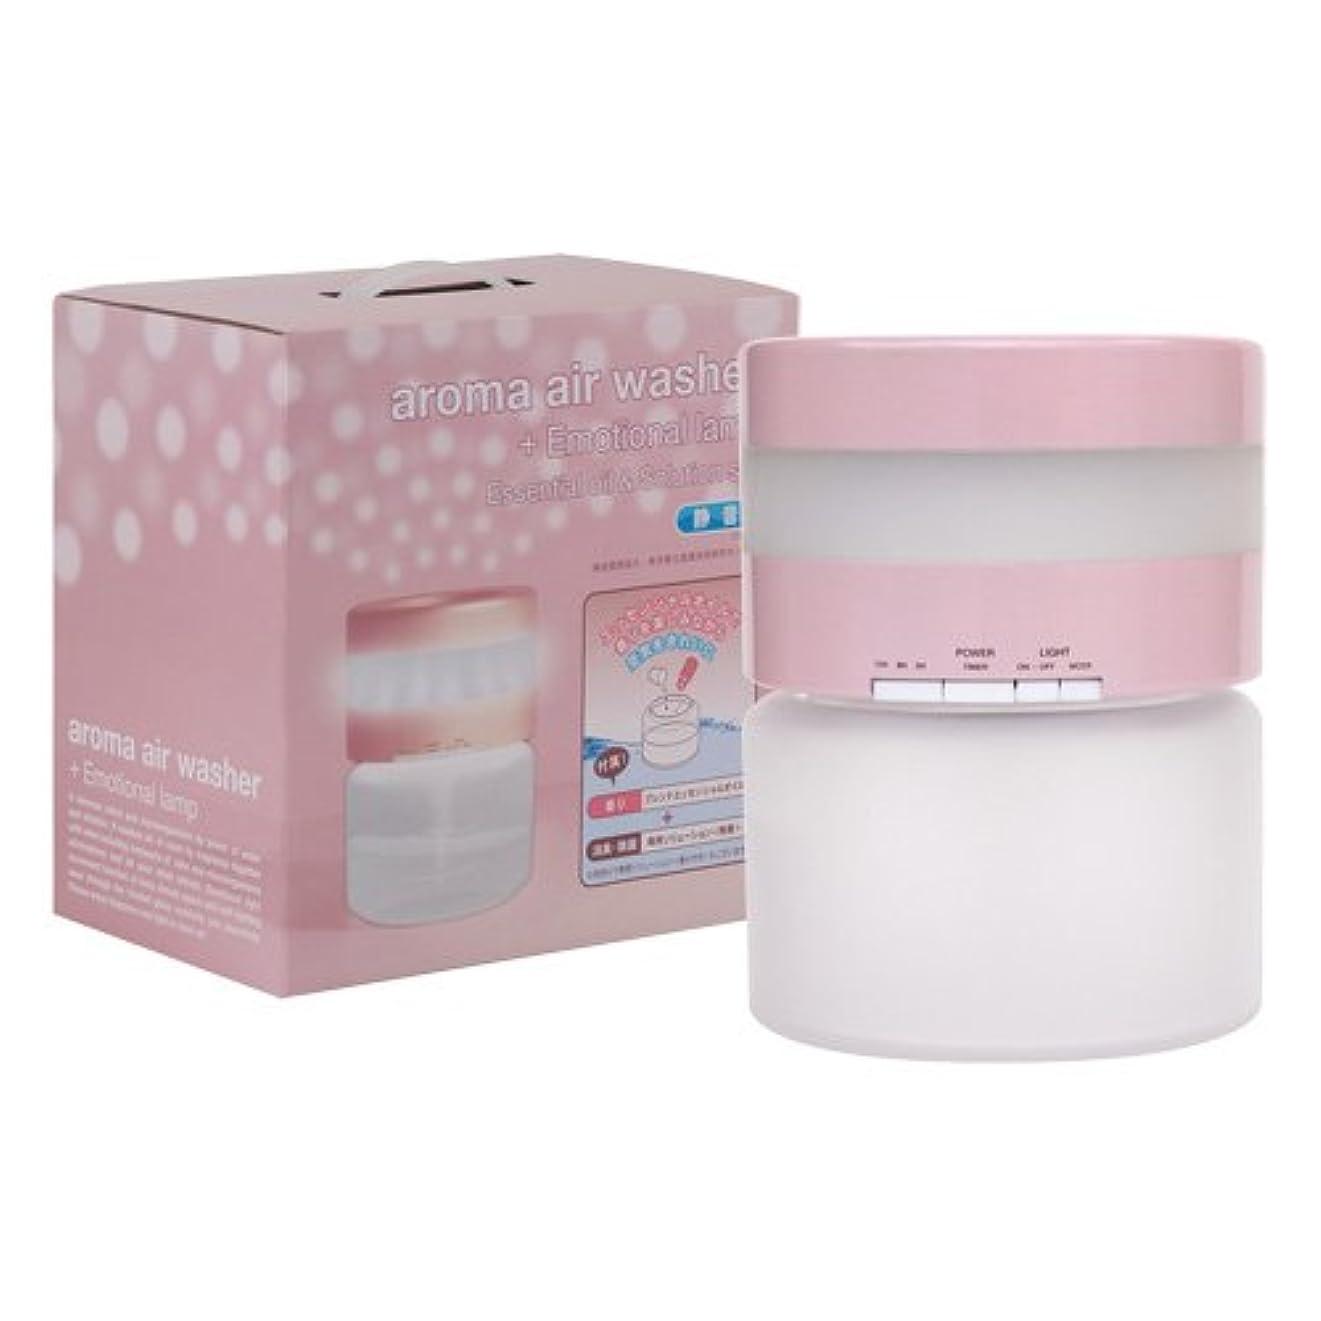 みがきます言う含意空気洗浄器 アロマエアウォッシャー + エモーショナルランプ ピンク